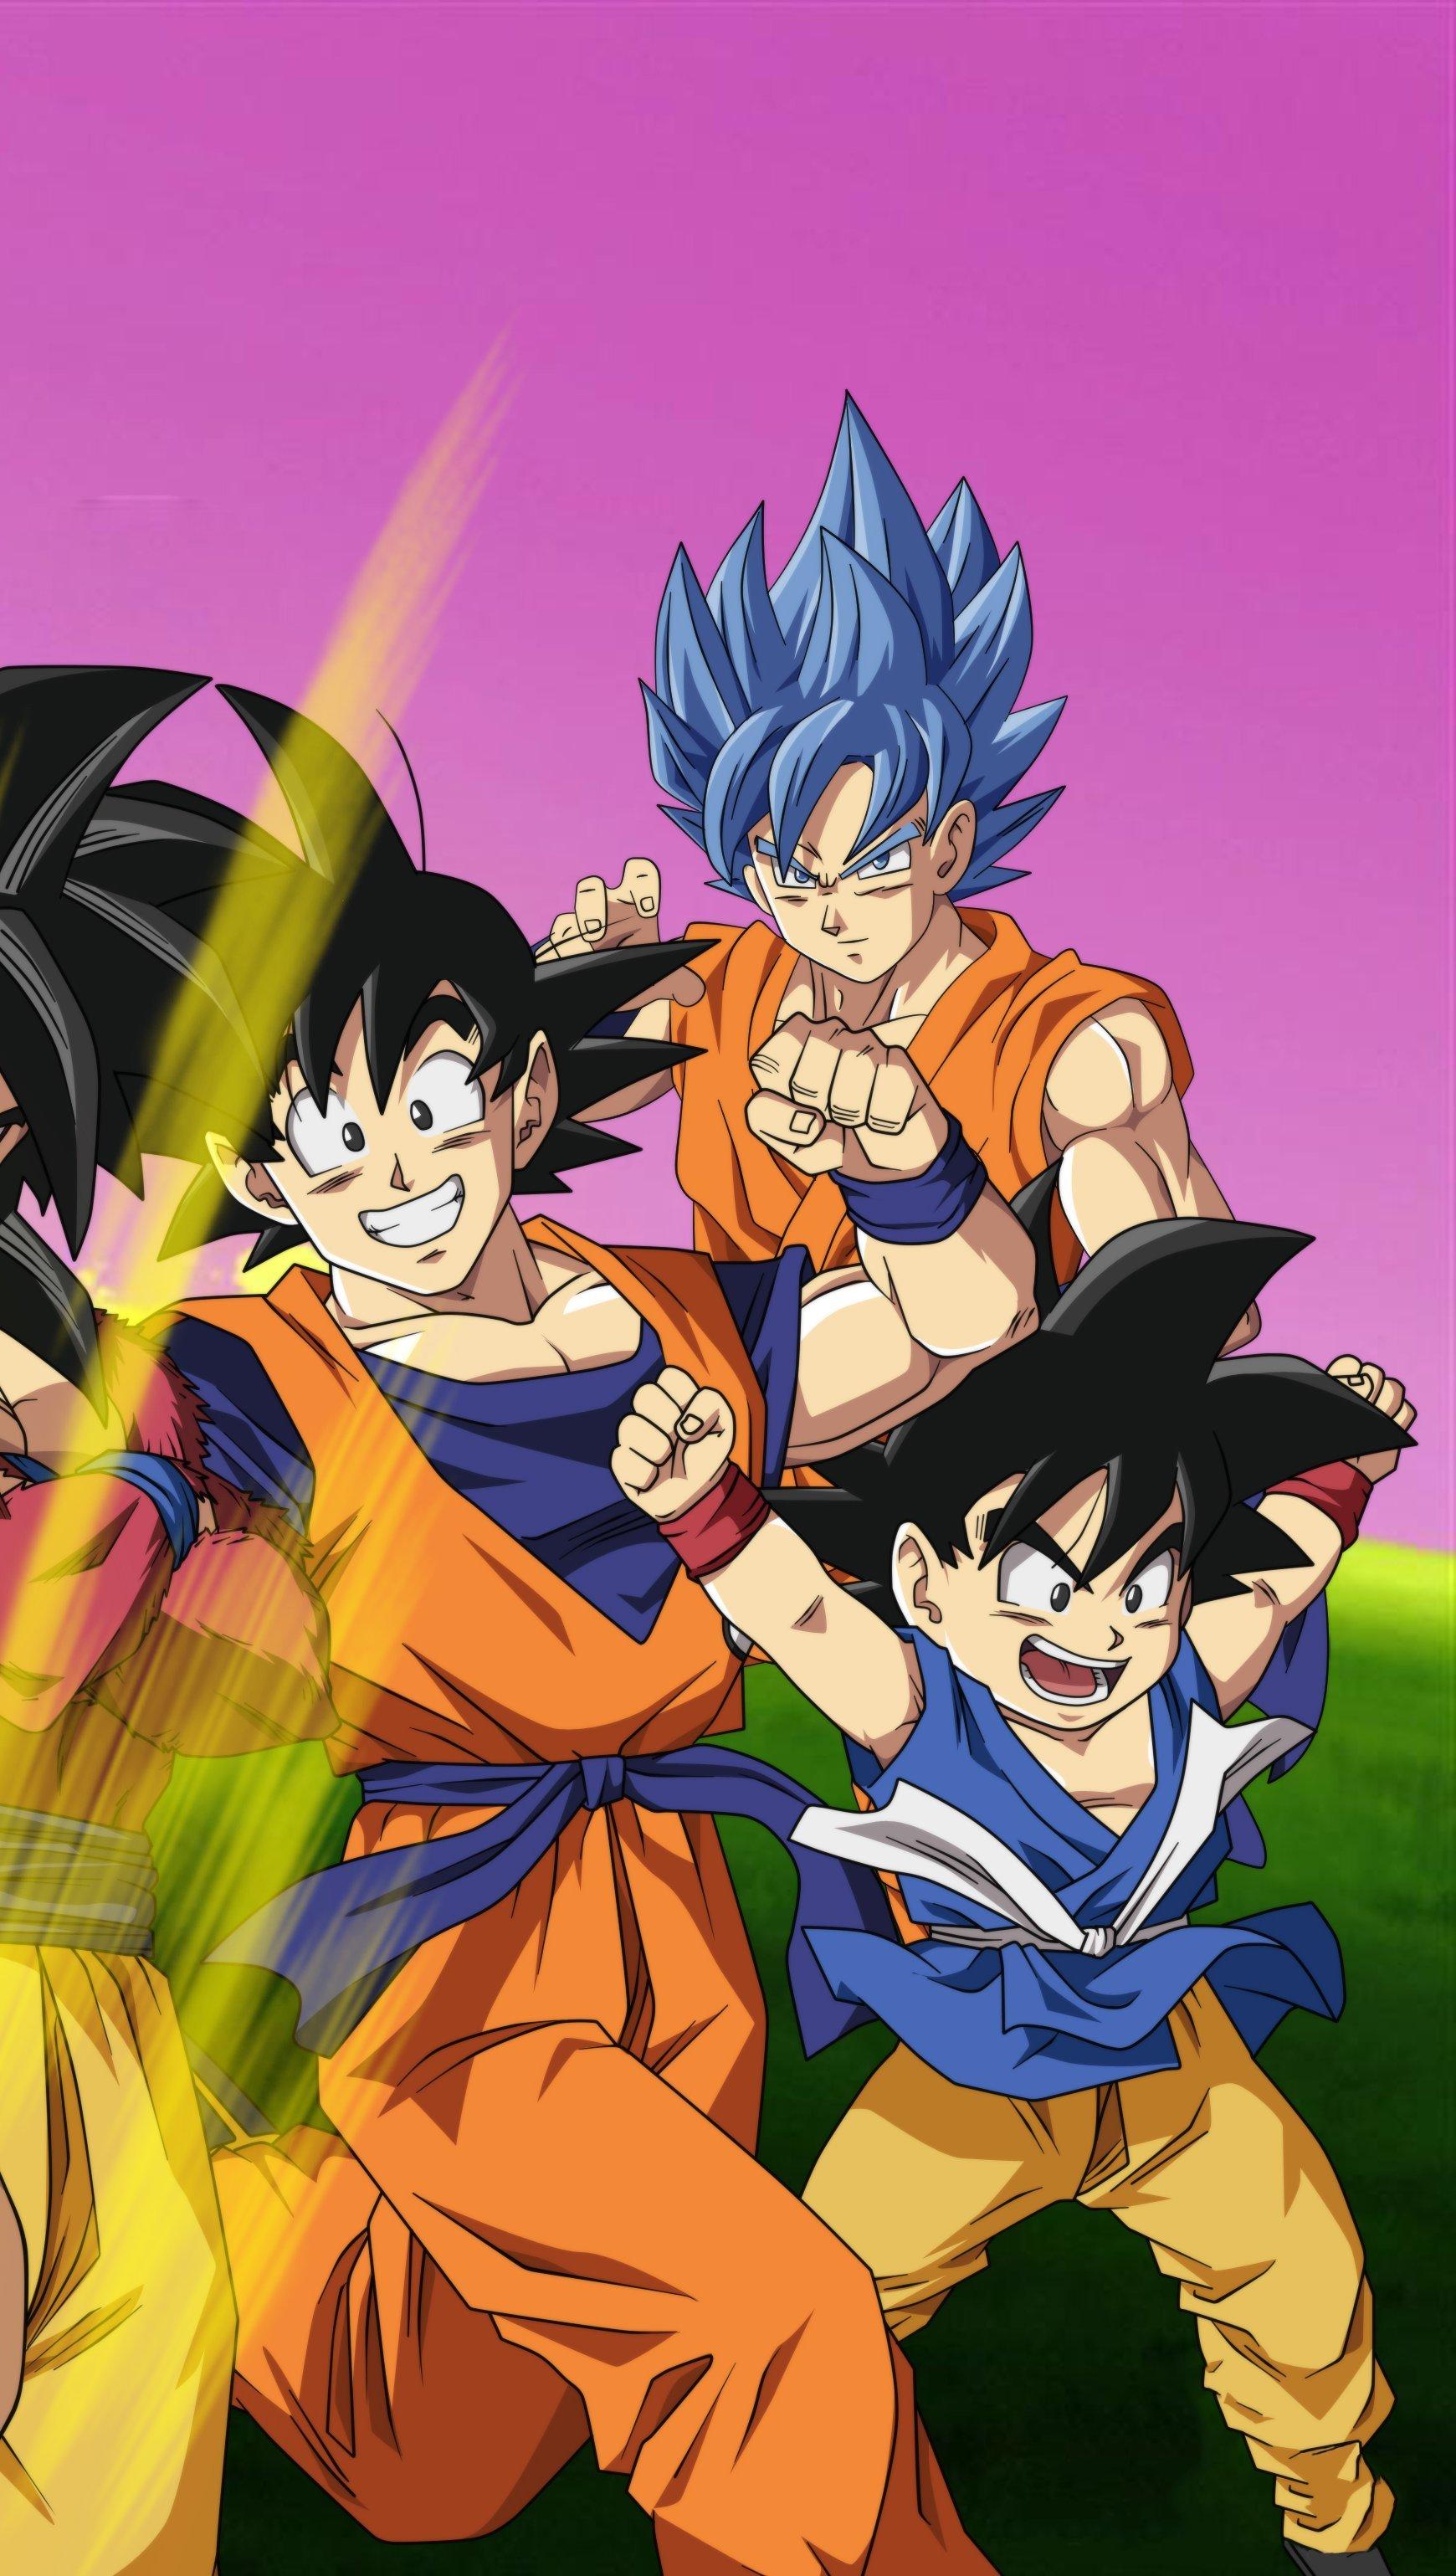 Fondos de pantalla Anime Dragon Ball Poster Vertical